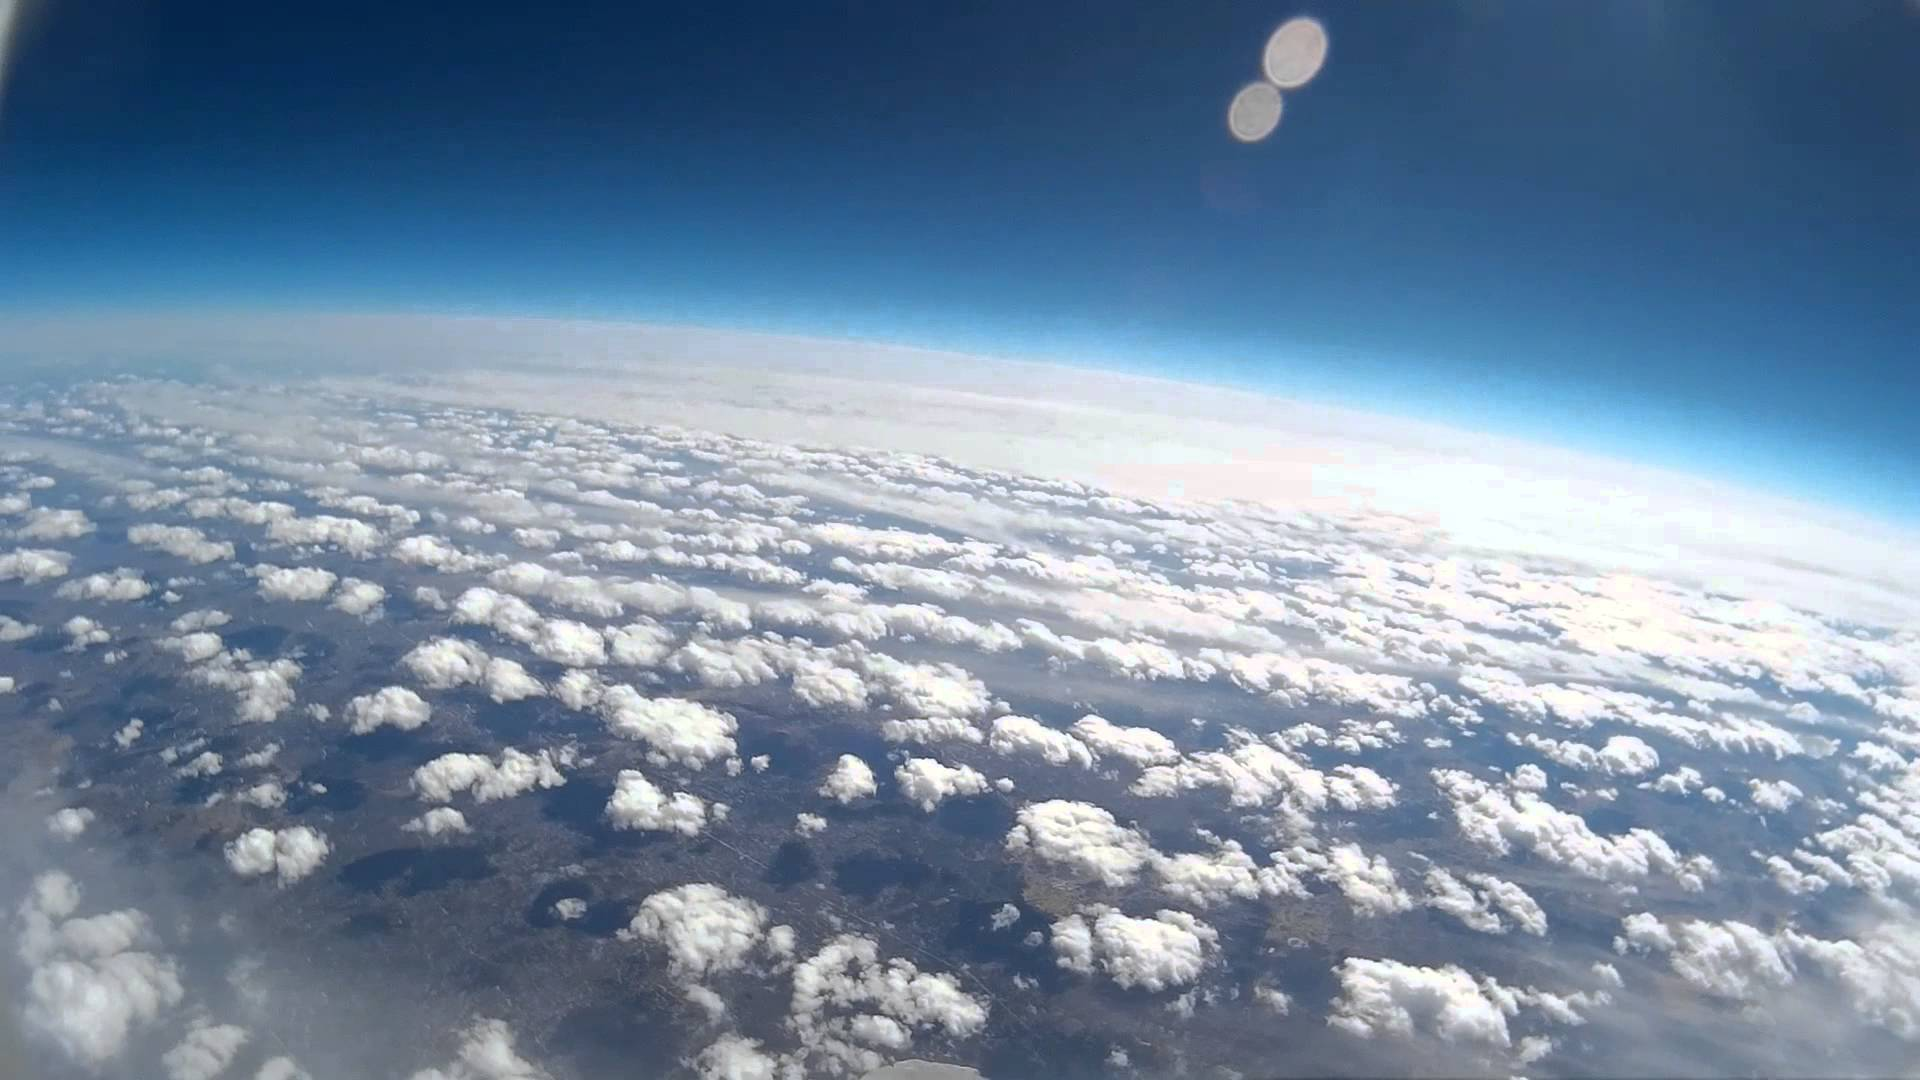 Как мы запускали метеозонд на Урале. Часть 1